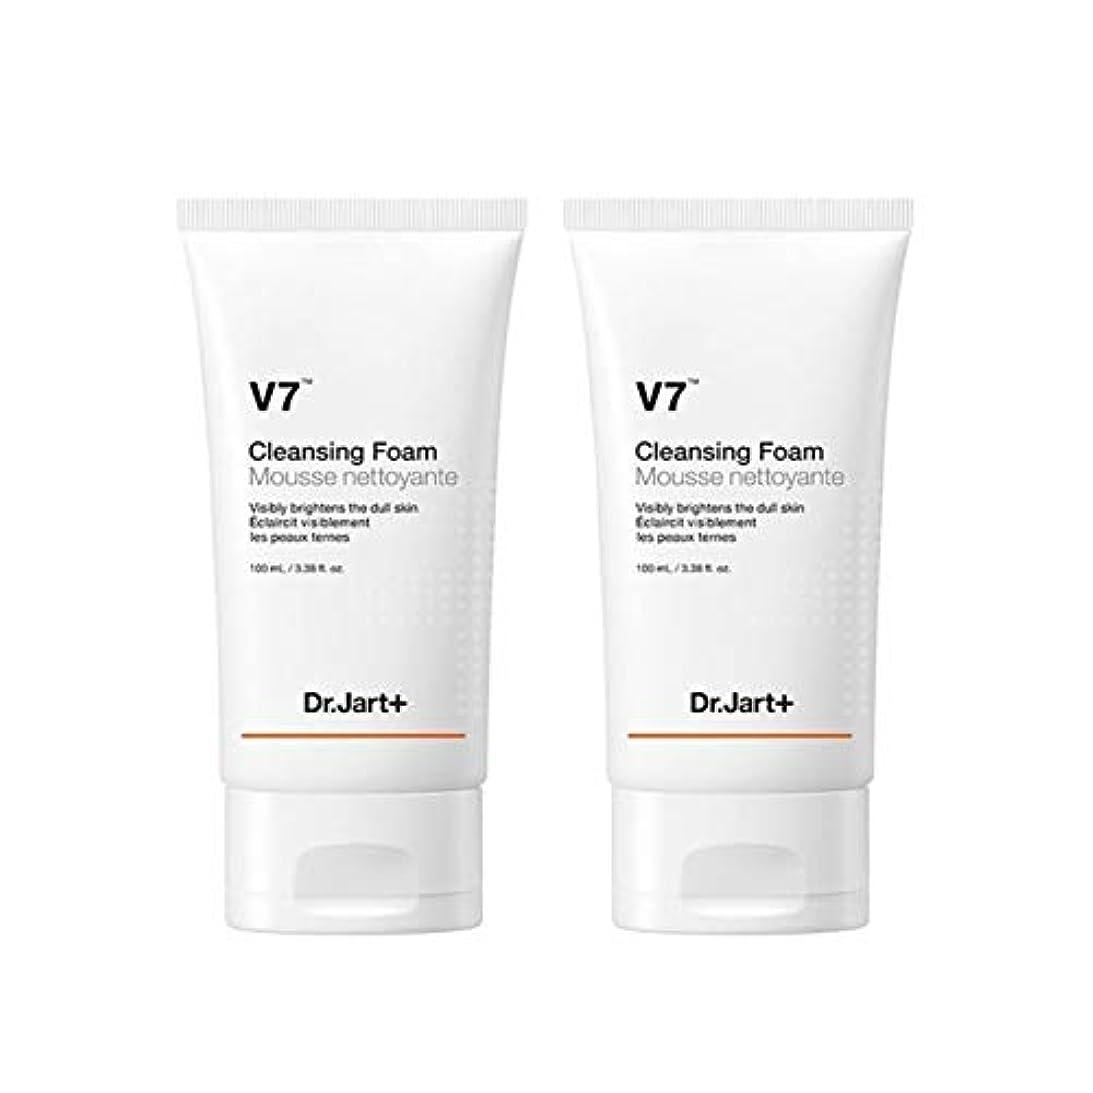 プランテーション差別化するこどもセンタードクタージャルトゥV7クレンジングフォーム100mlx2本セット韓国コスメ、Dr.Jart V7 Cleansing Foam 100ml x 2ea Set Korean Cosmetics [並行輸入品]